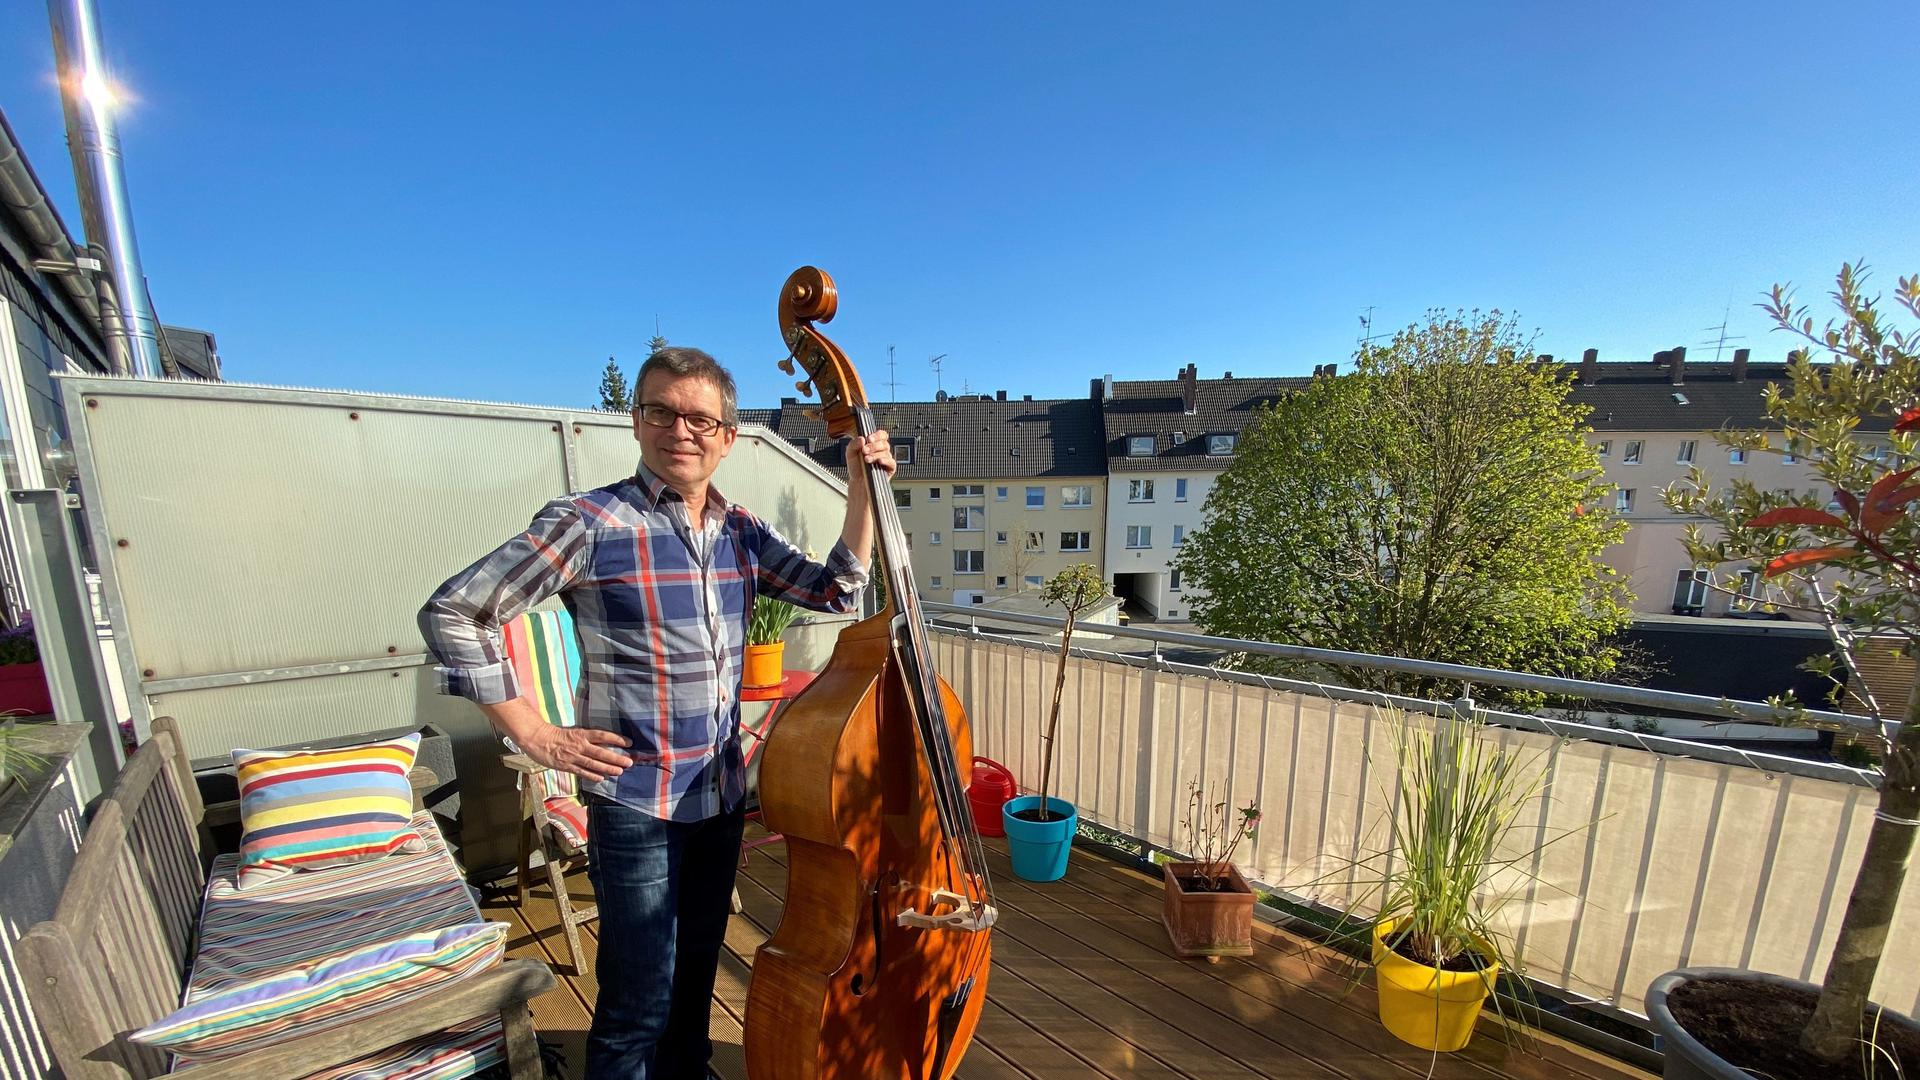 """Musikeinlage auf den Balkon: Patrick Fuchs nach der vielbeachteten Aktion """"Essen spielt und singt das Steigerlied"""" am 5. April."""